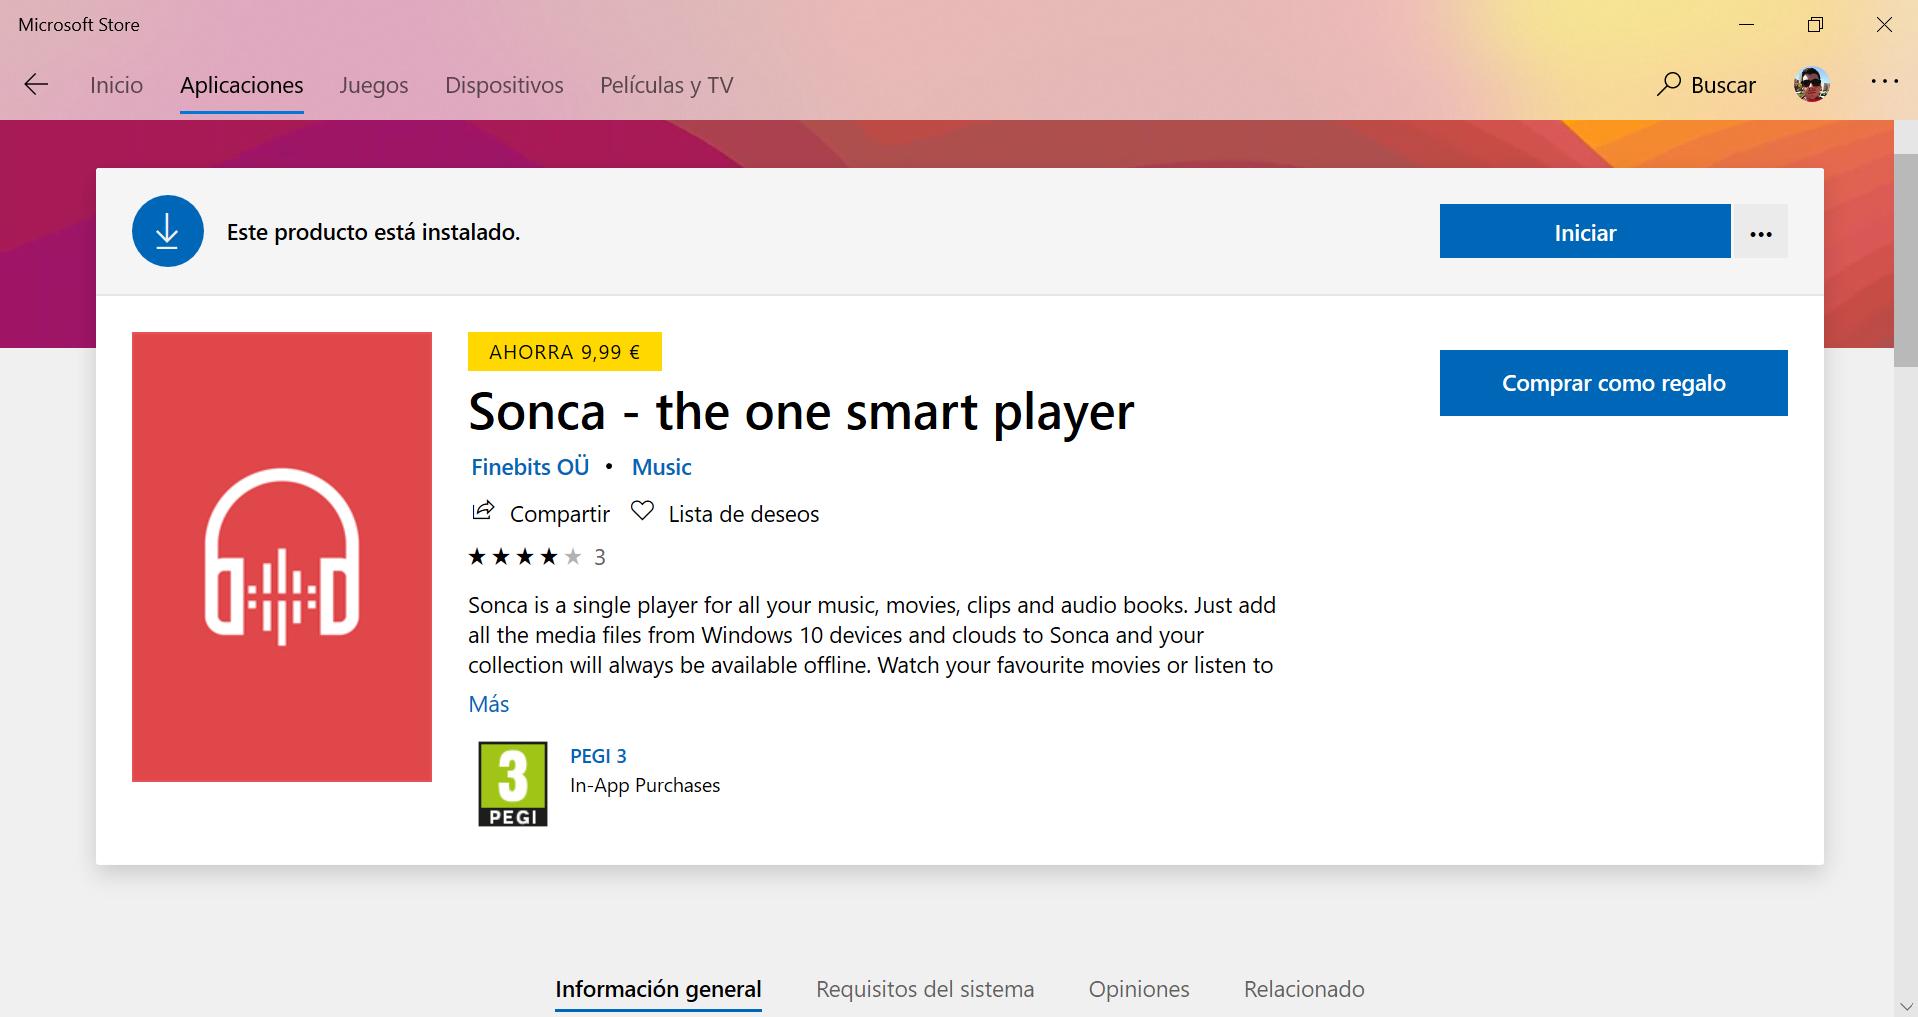 Ficha de la app en la Microsoft Store